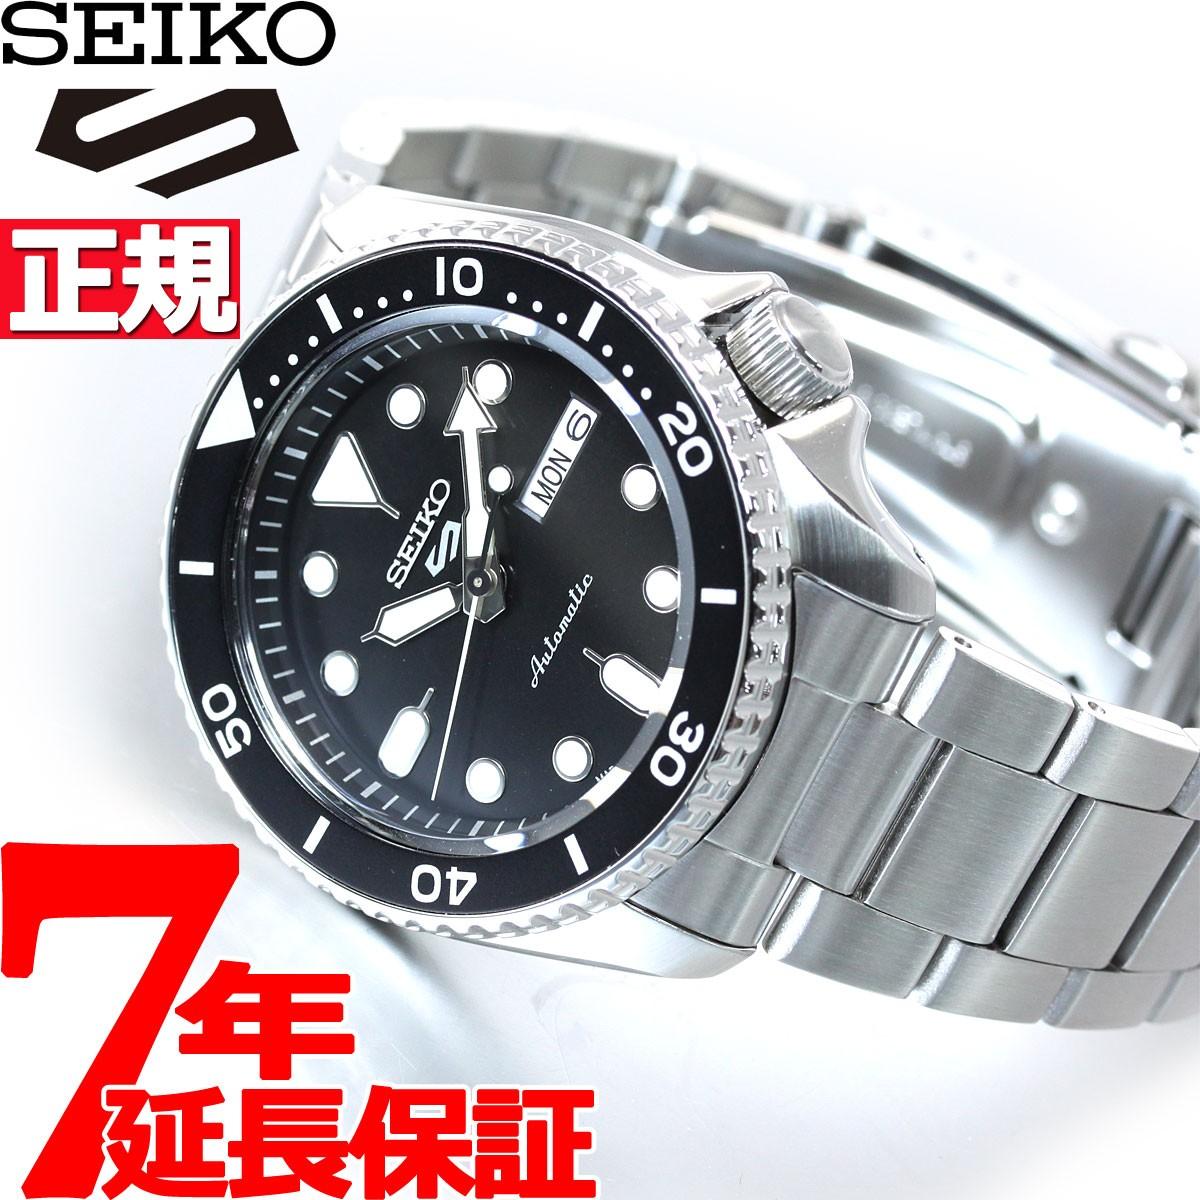 sbsa005